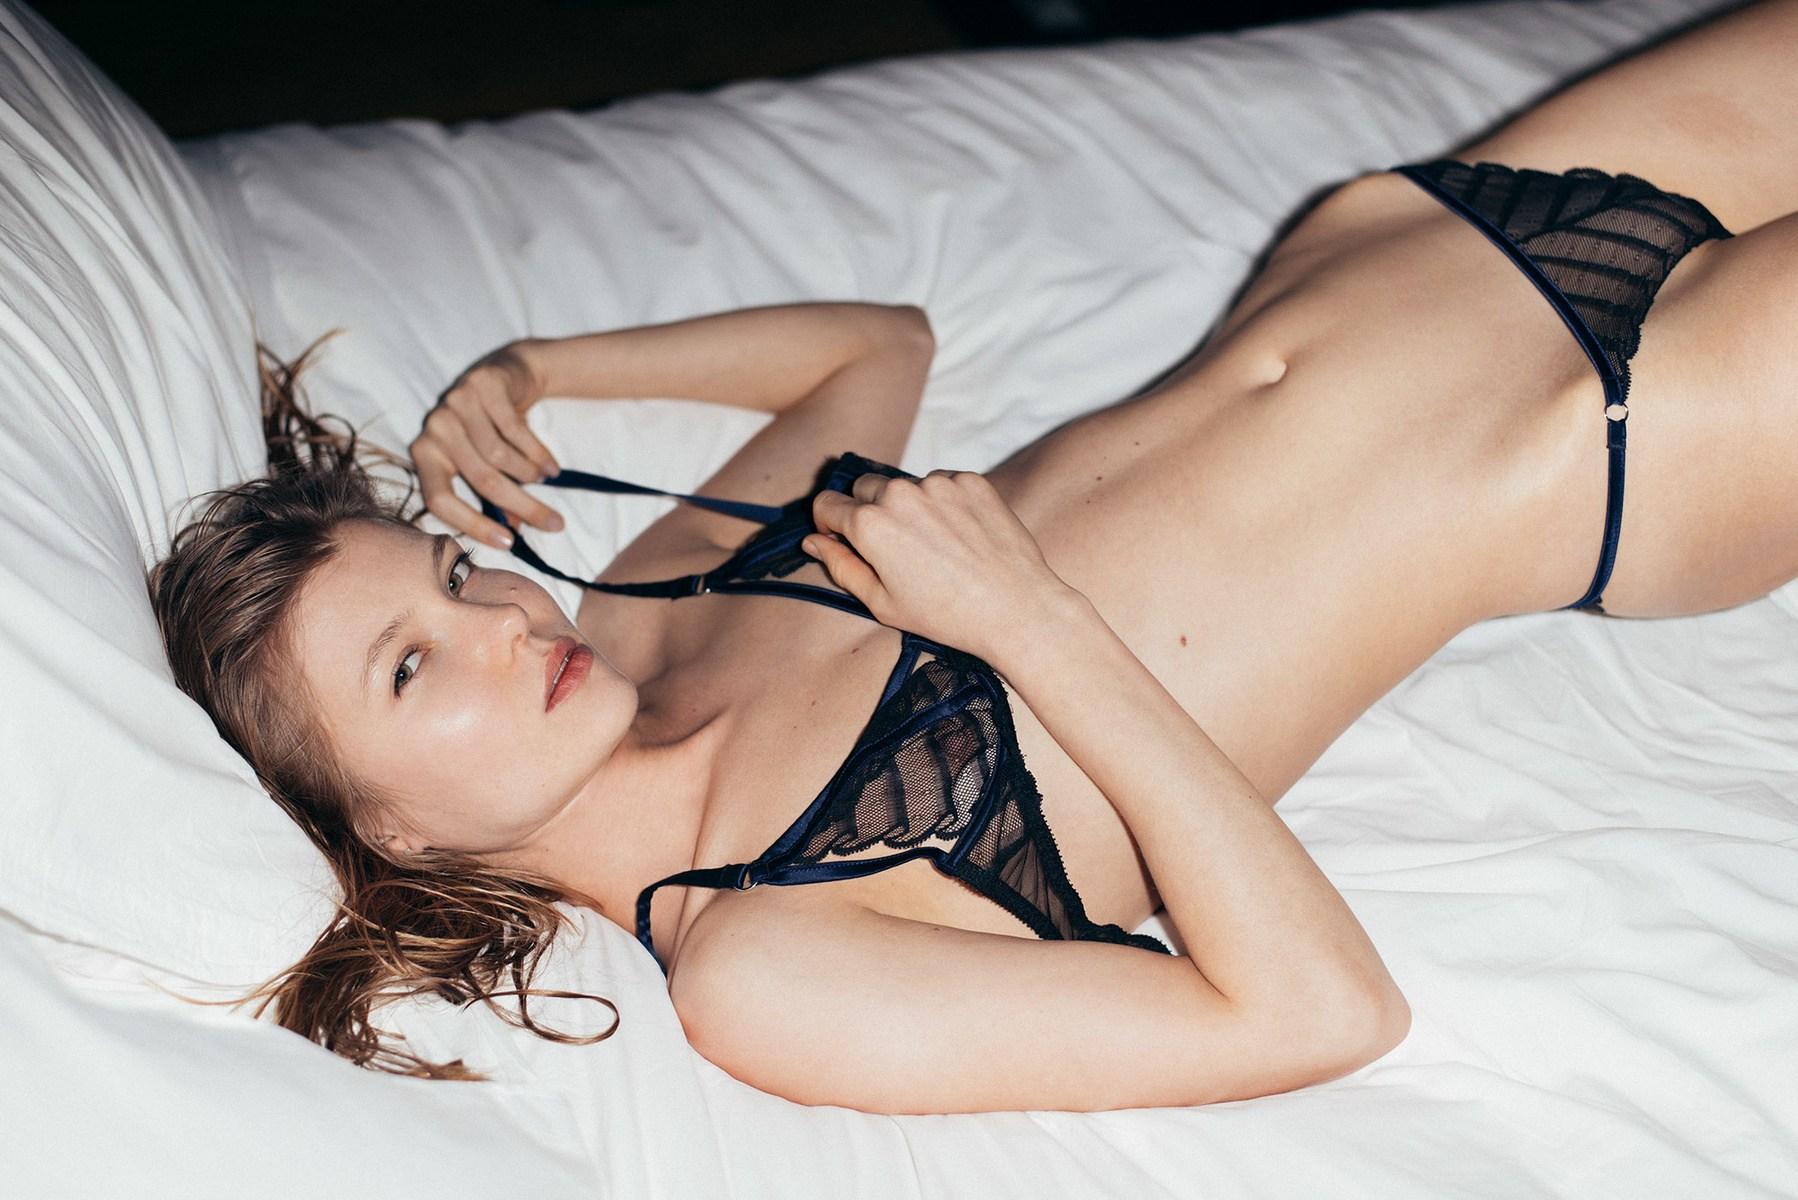 hogyan lehet egy lányt péniszre tenni